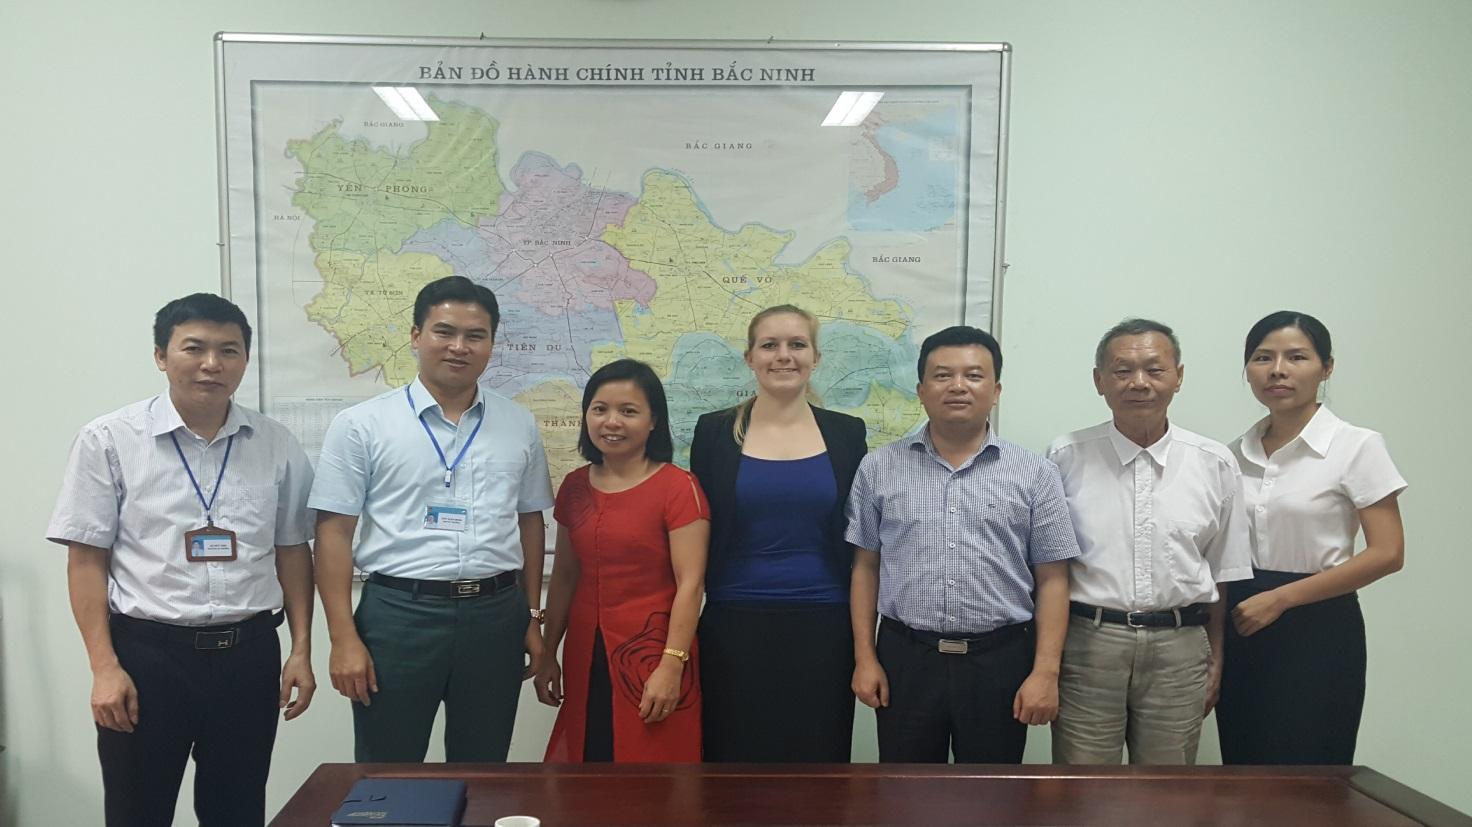 Triển khi Dự án Lập bản đồ ô nhiễm môi trường đất tỉnh Bắc Ninh